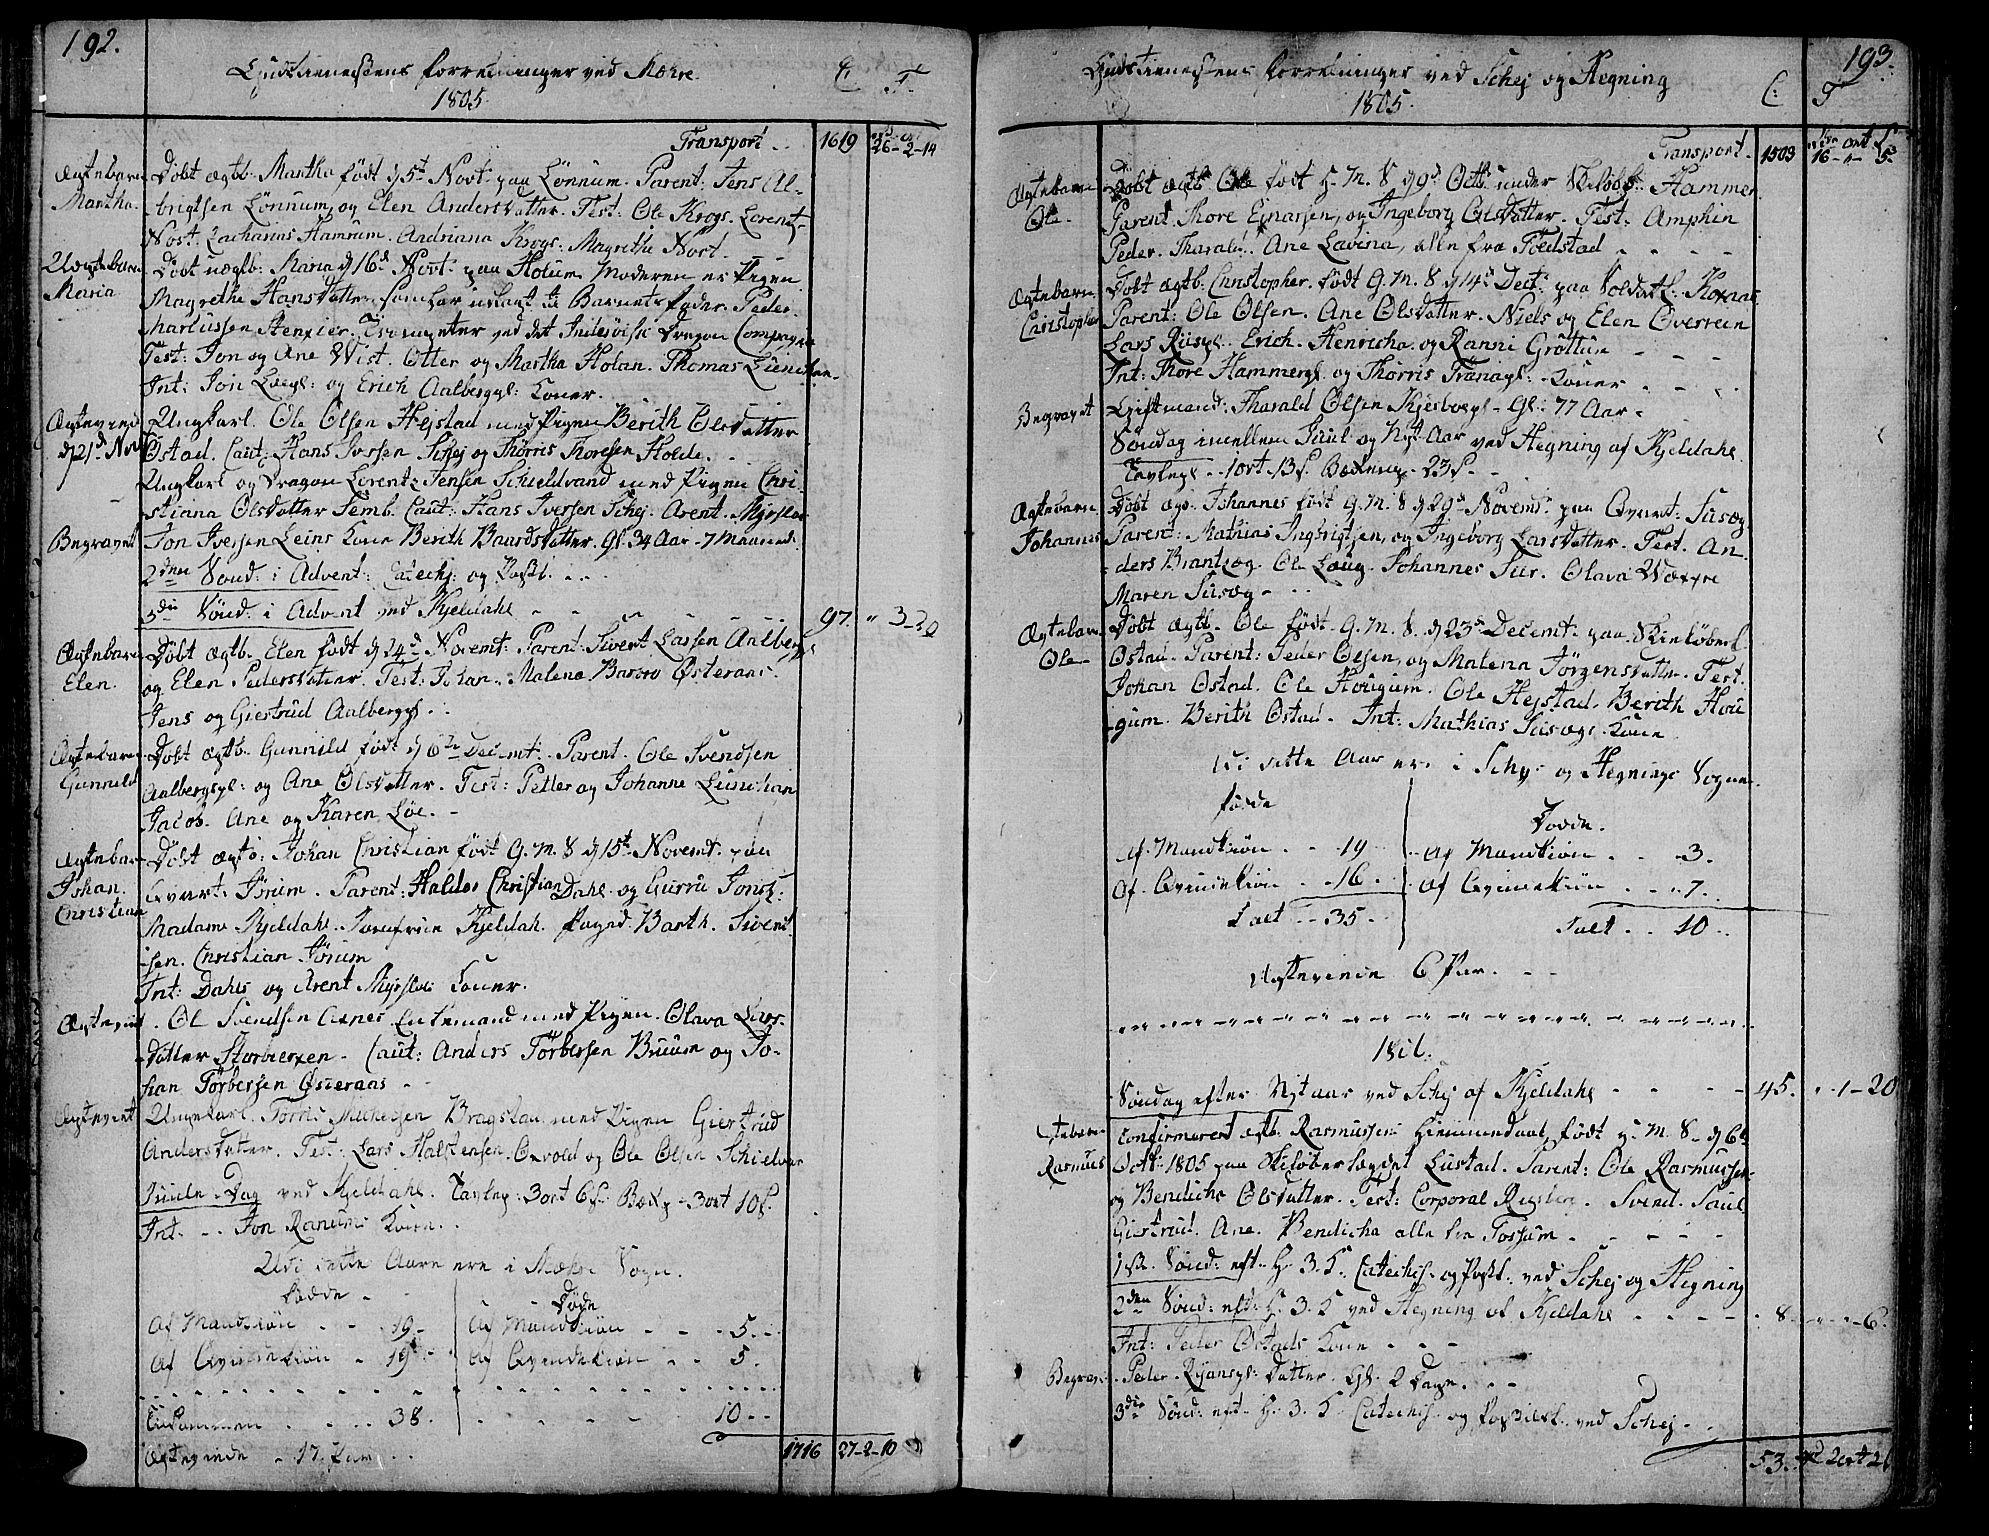 SAT, Ministerialprotokoller, klokkerbøker og fødselsregistre - Nord-Trøndelag, 735/L0332: Ministerialbok nr. 735A03, 1795-1816, s. 192-193